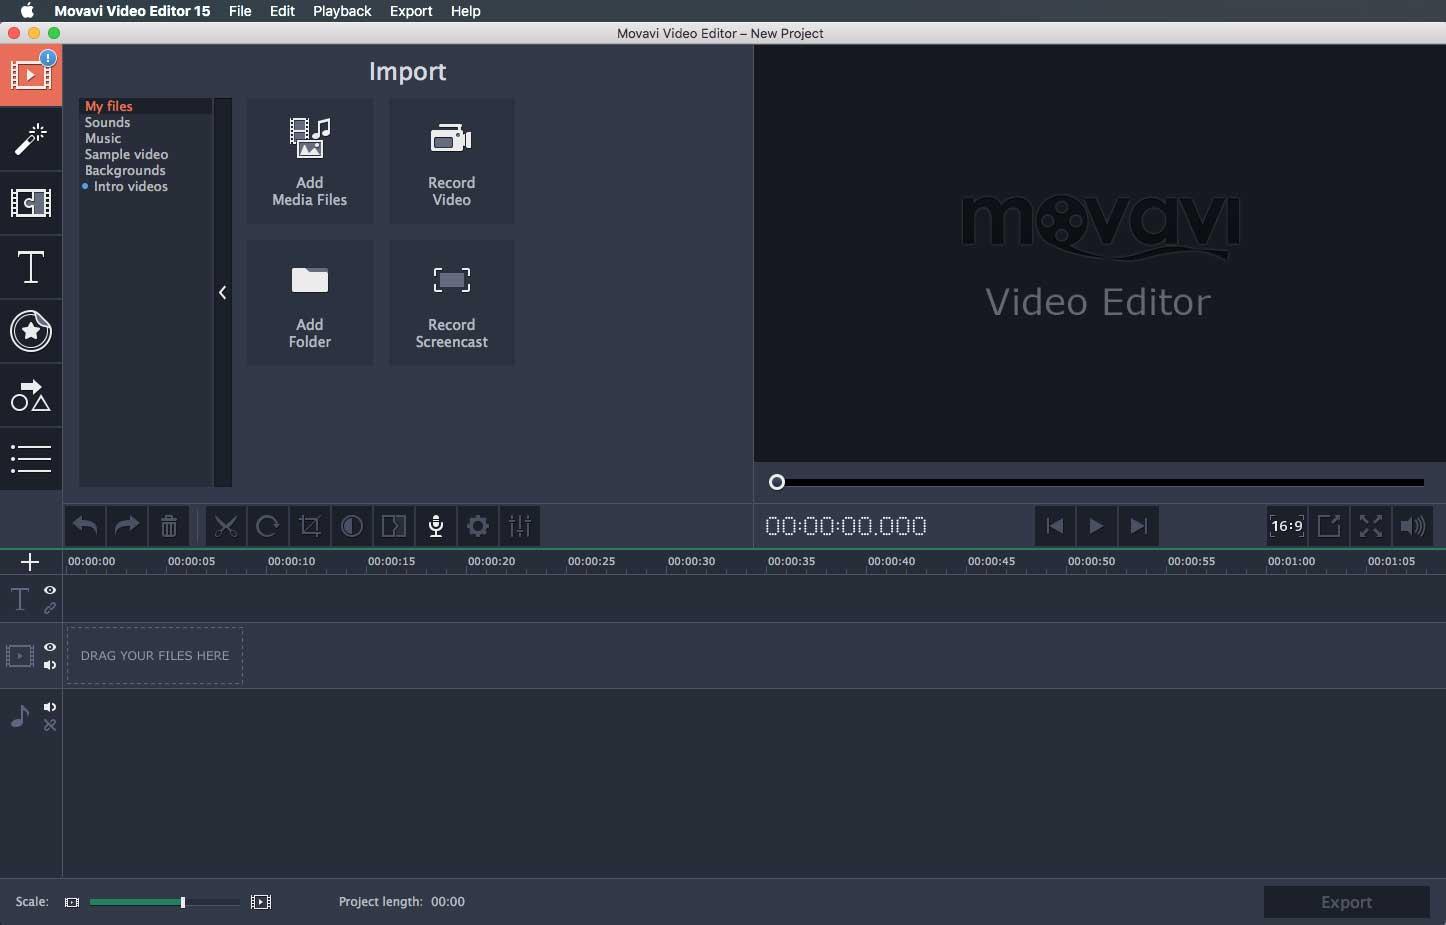 Movavi Video Editor facilite la création et le montage des vidéos